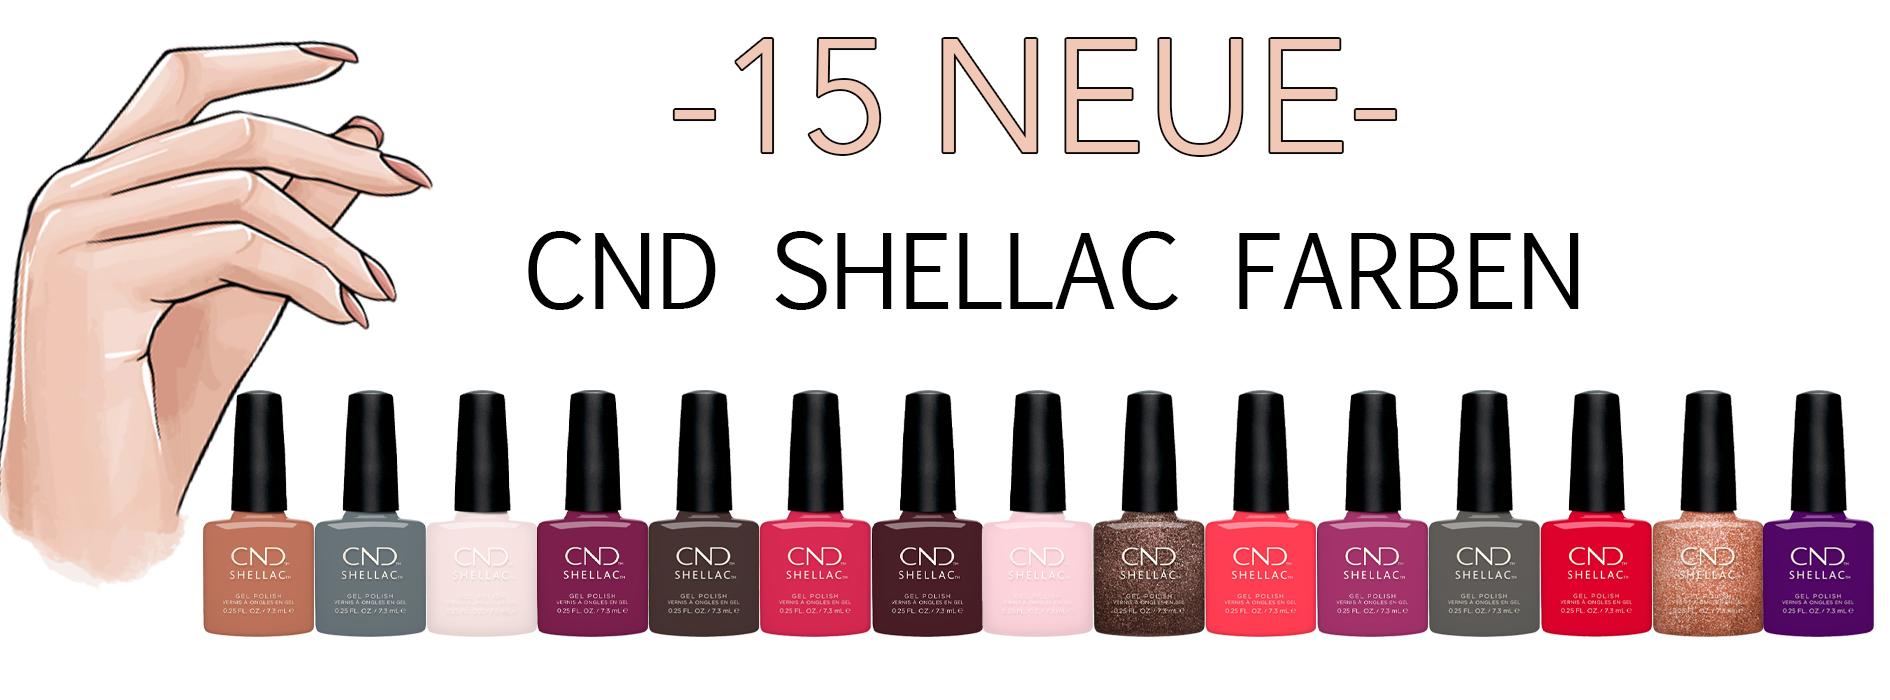 Neue Shellac Farben